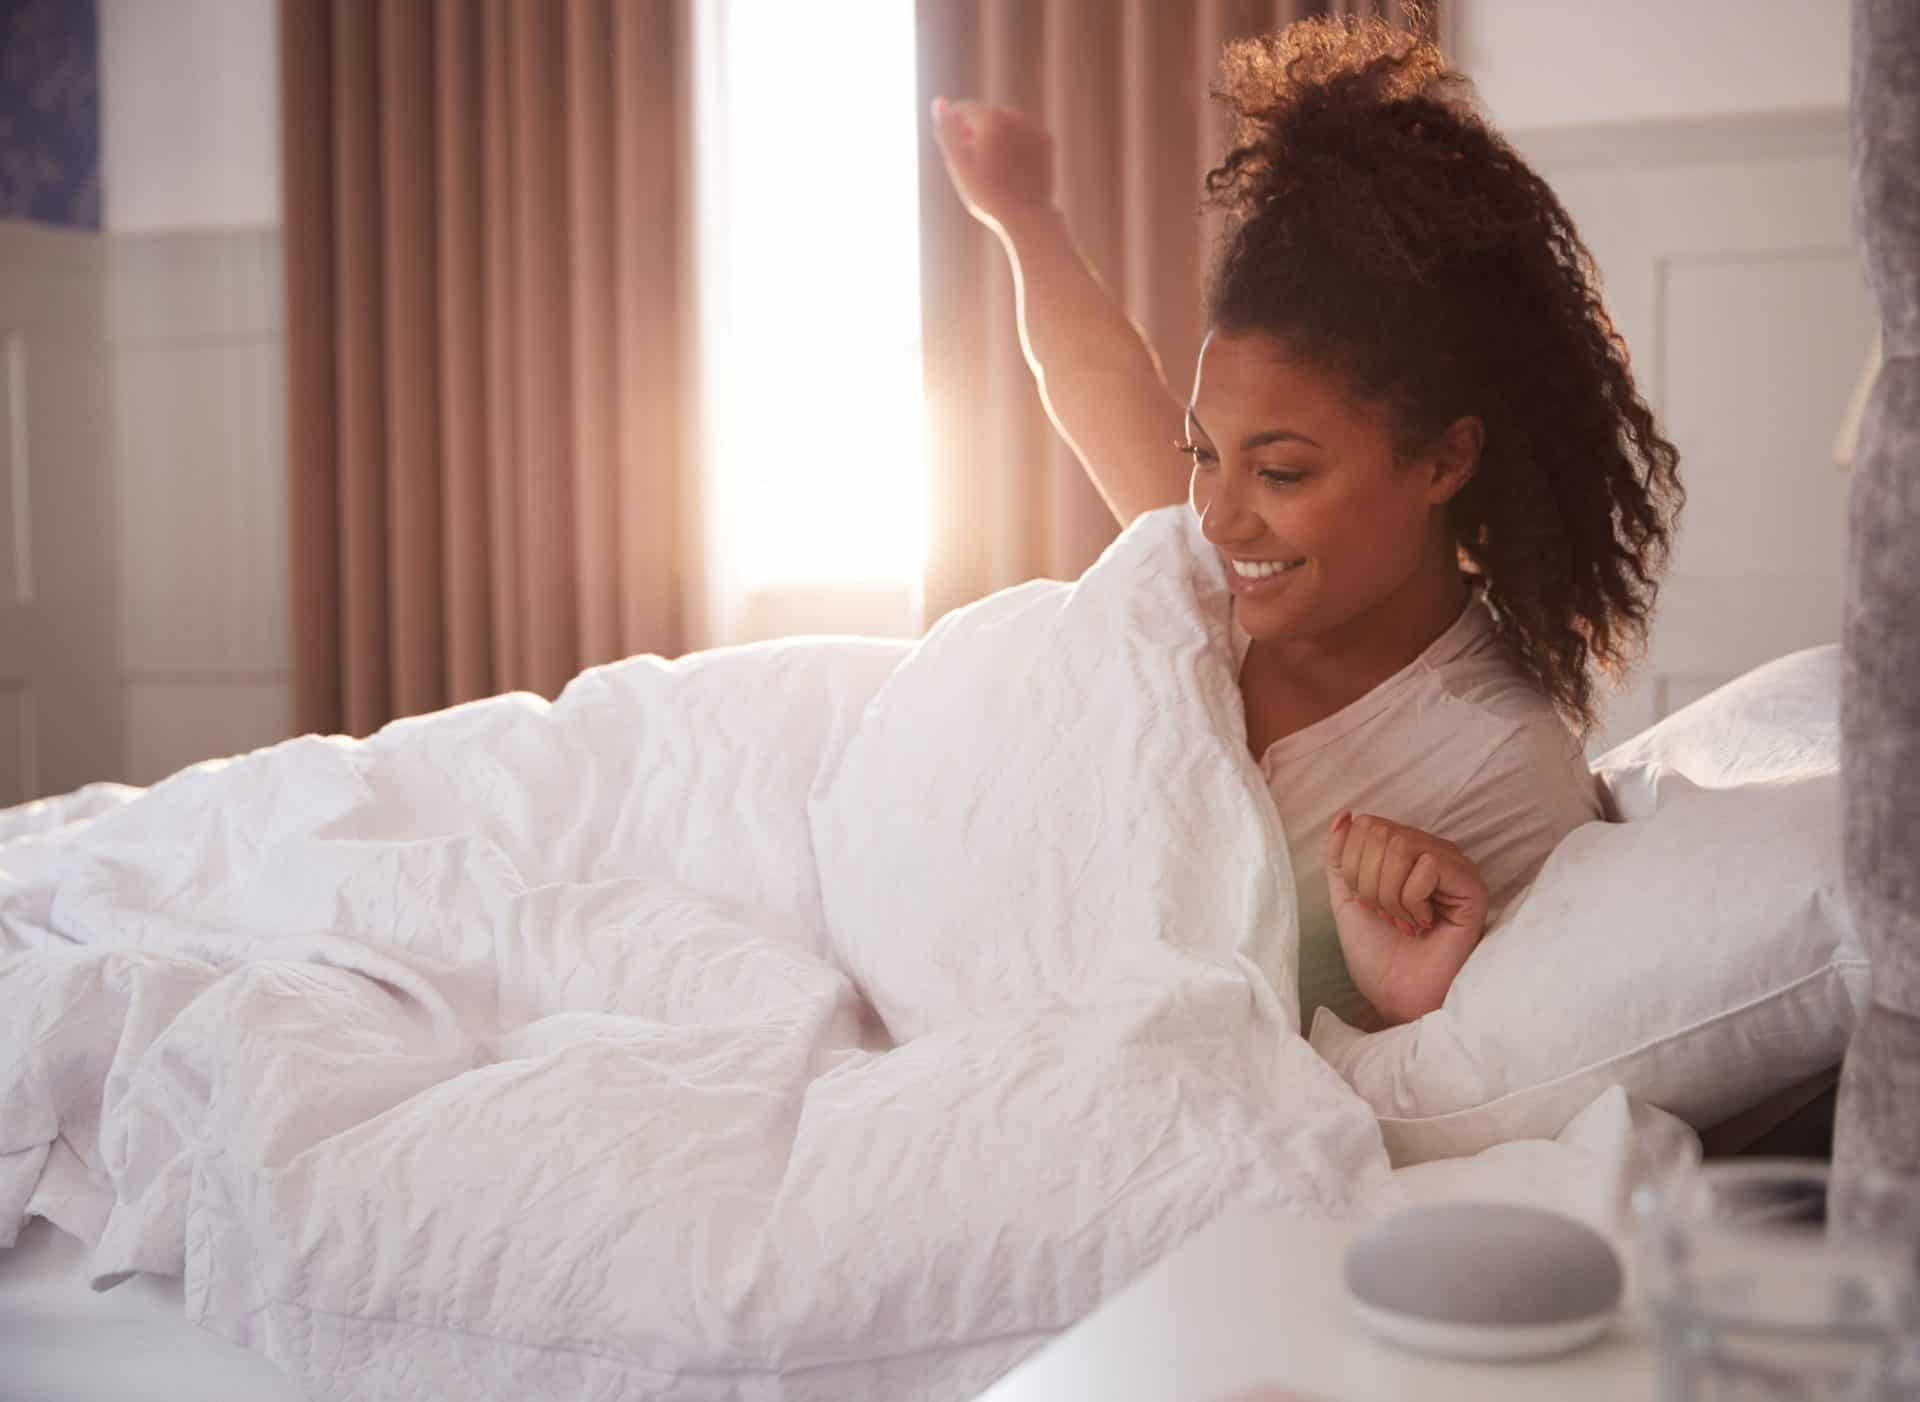 Dicas para tirar o sono e aumentar a produtividade